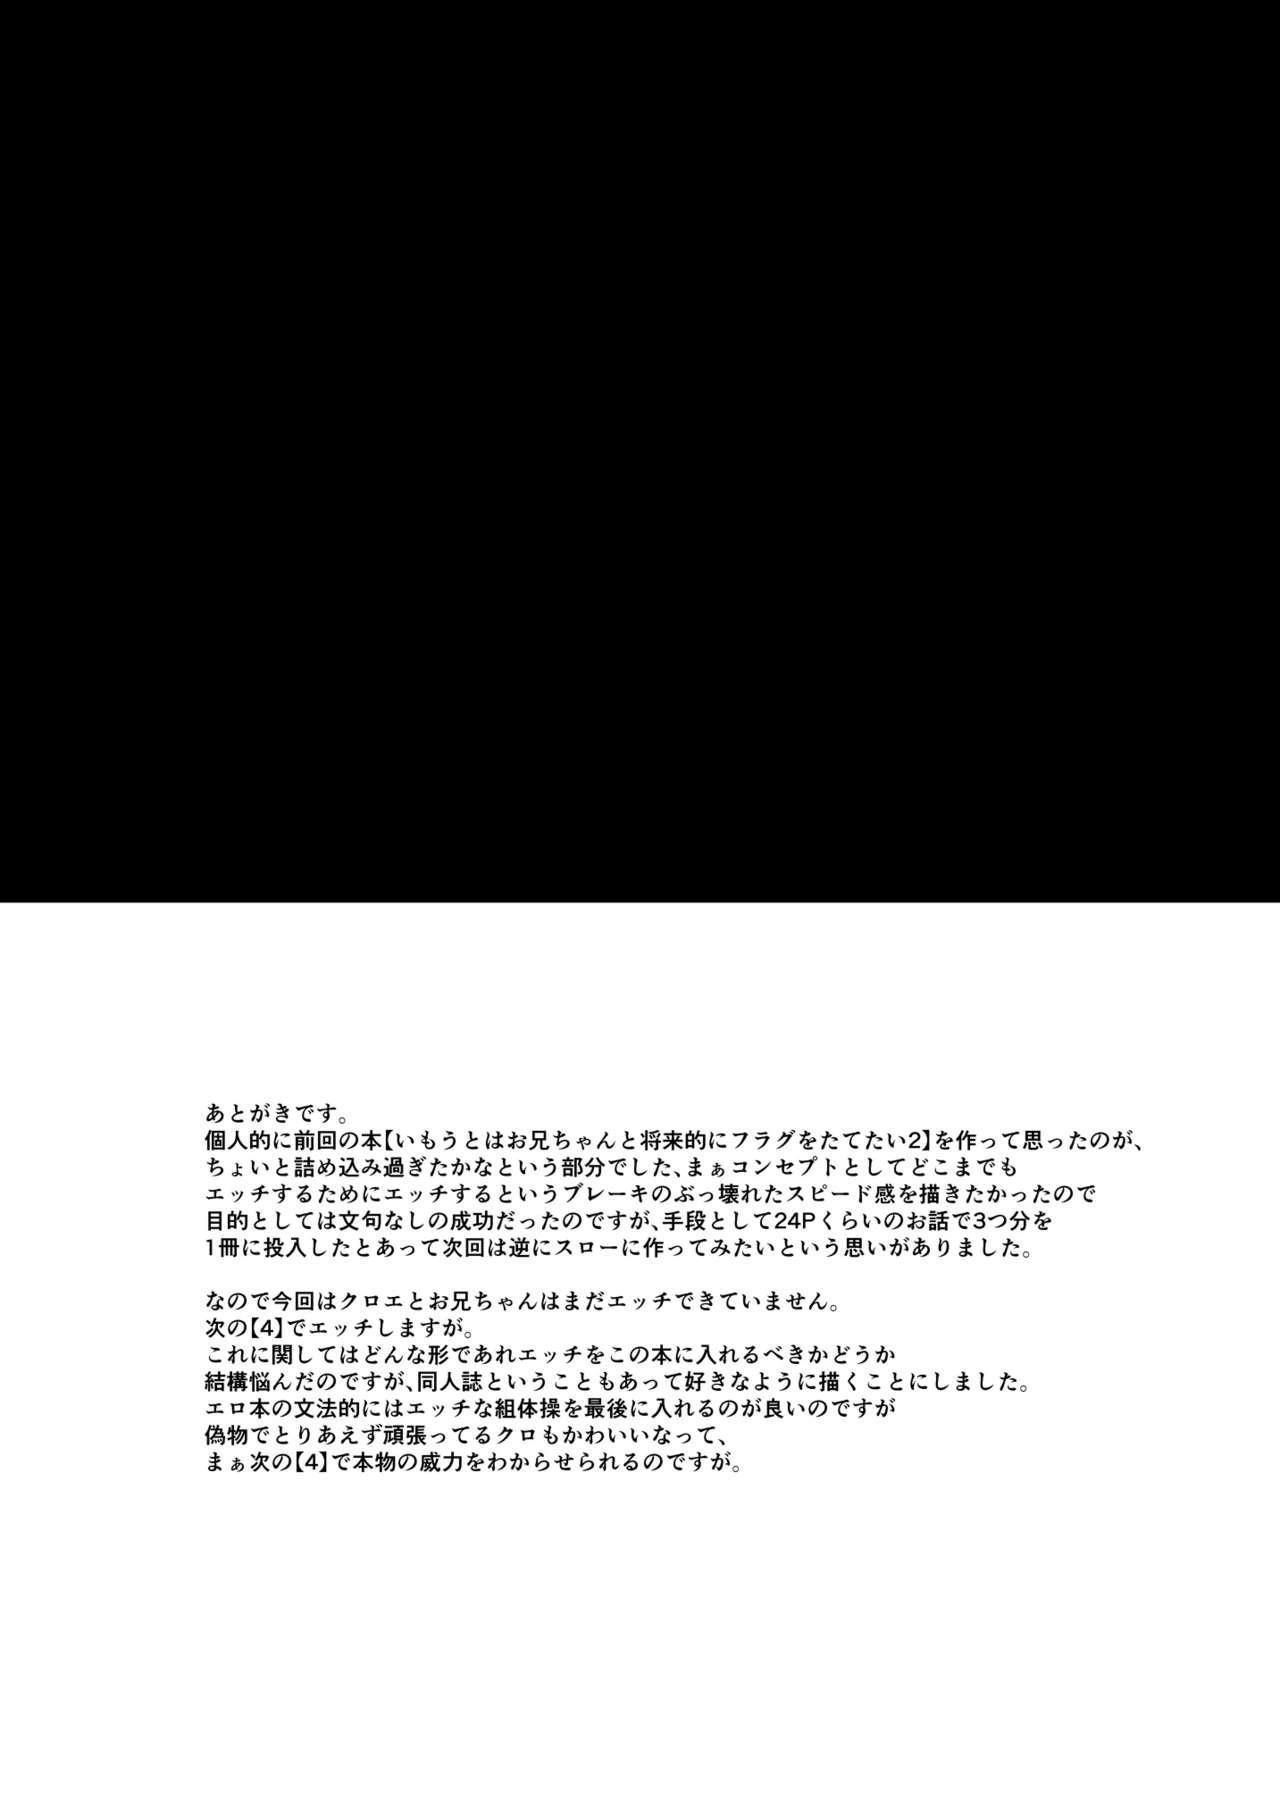 Imouto wa Onii-chan to Shouraiteki ni Flag o Tatetai 3 21